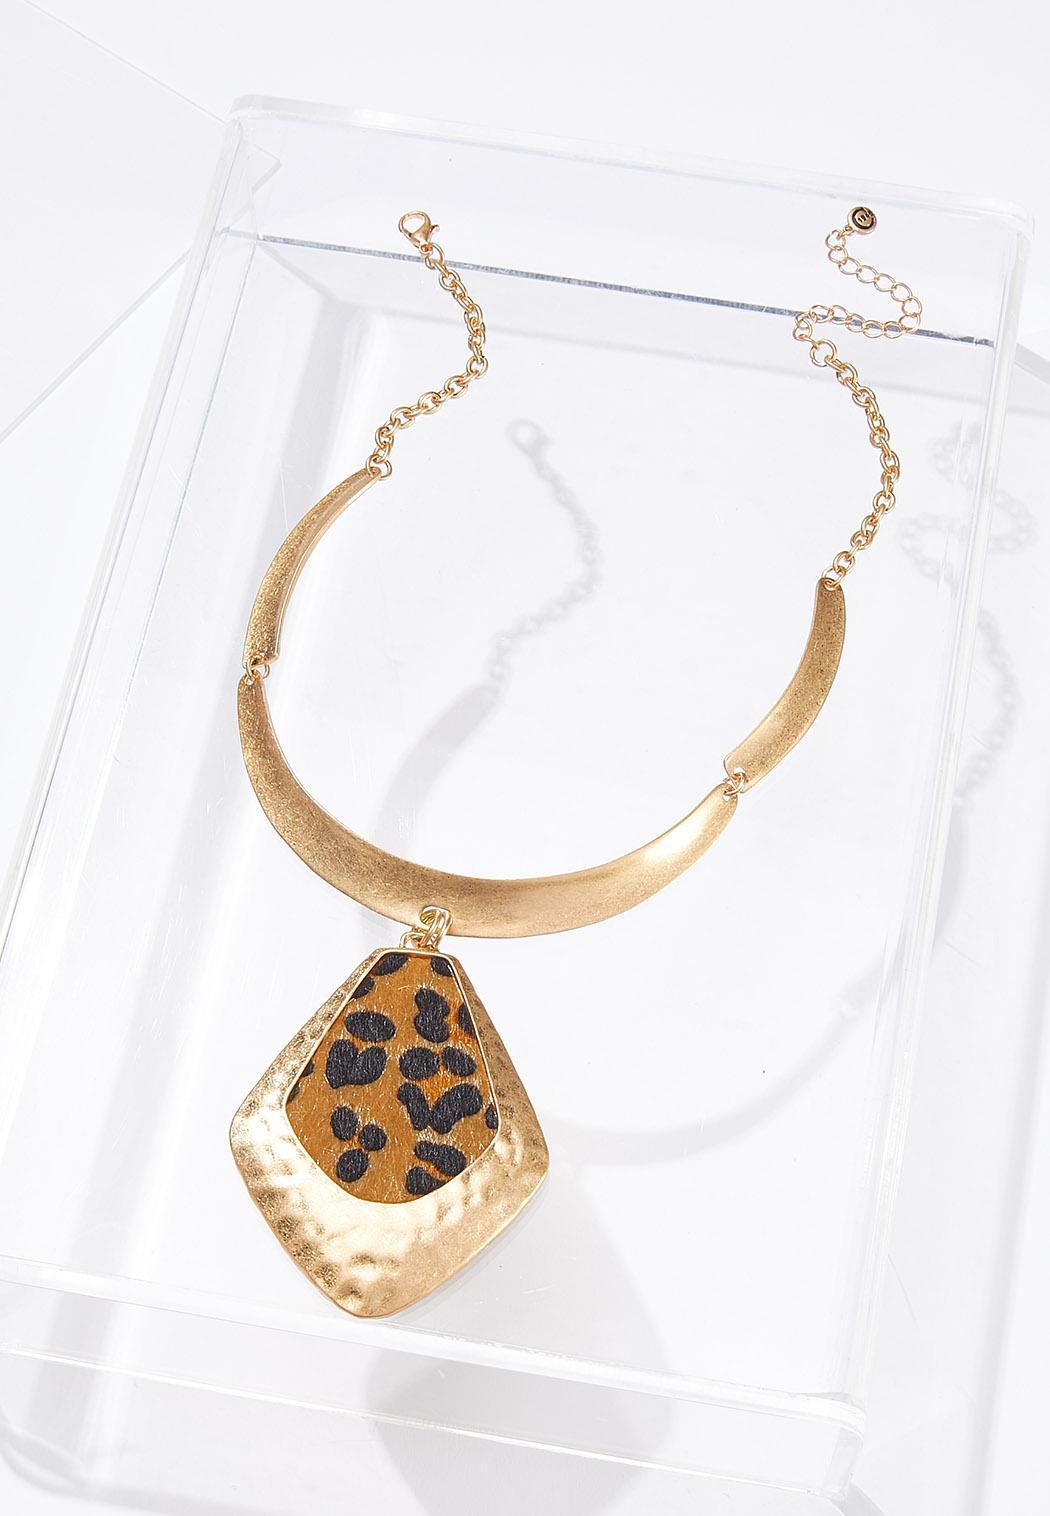 Gold Leopard Pendant Necklace